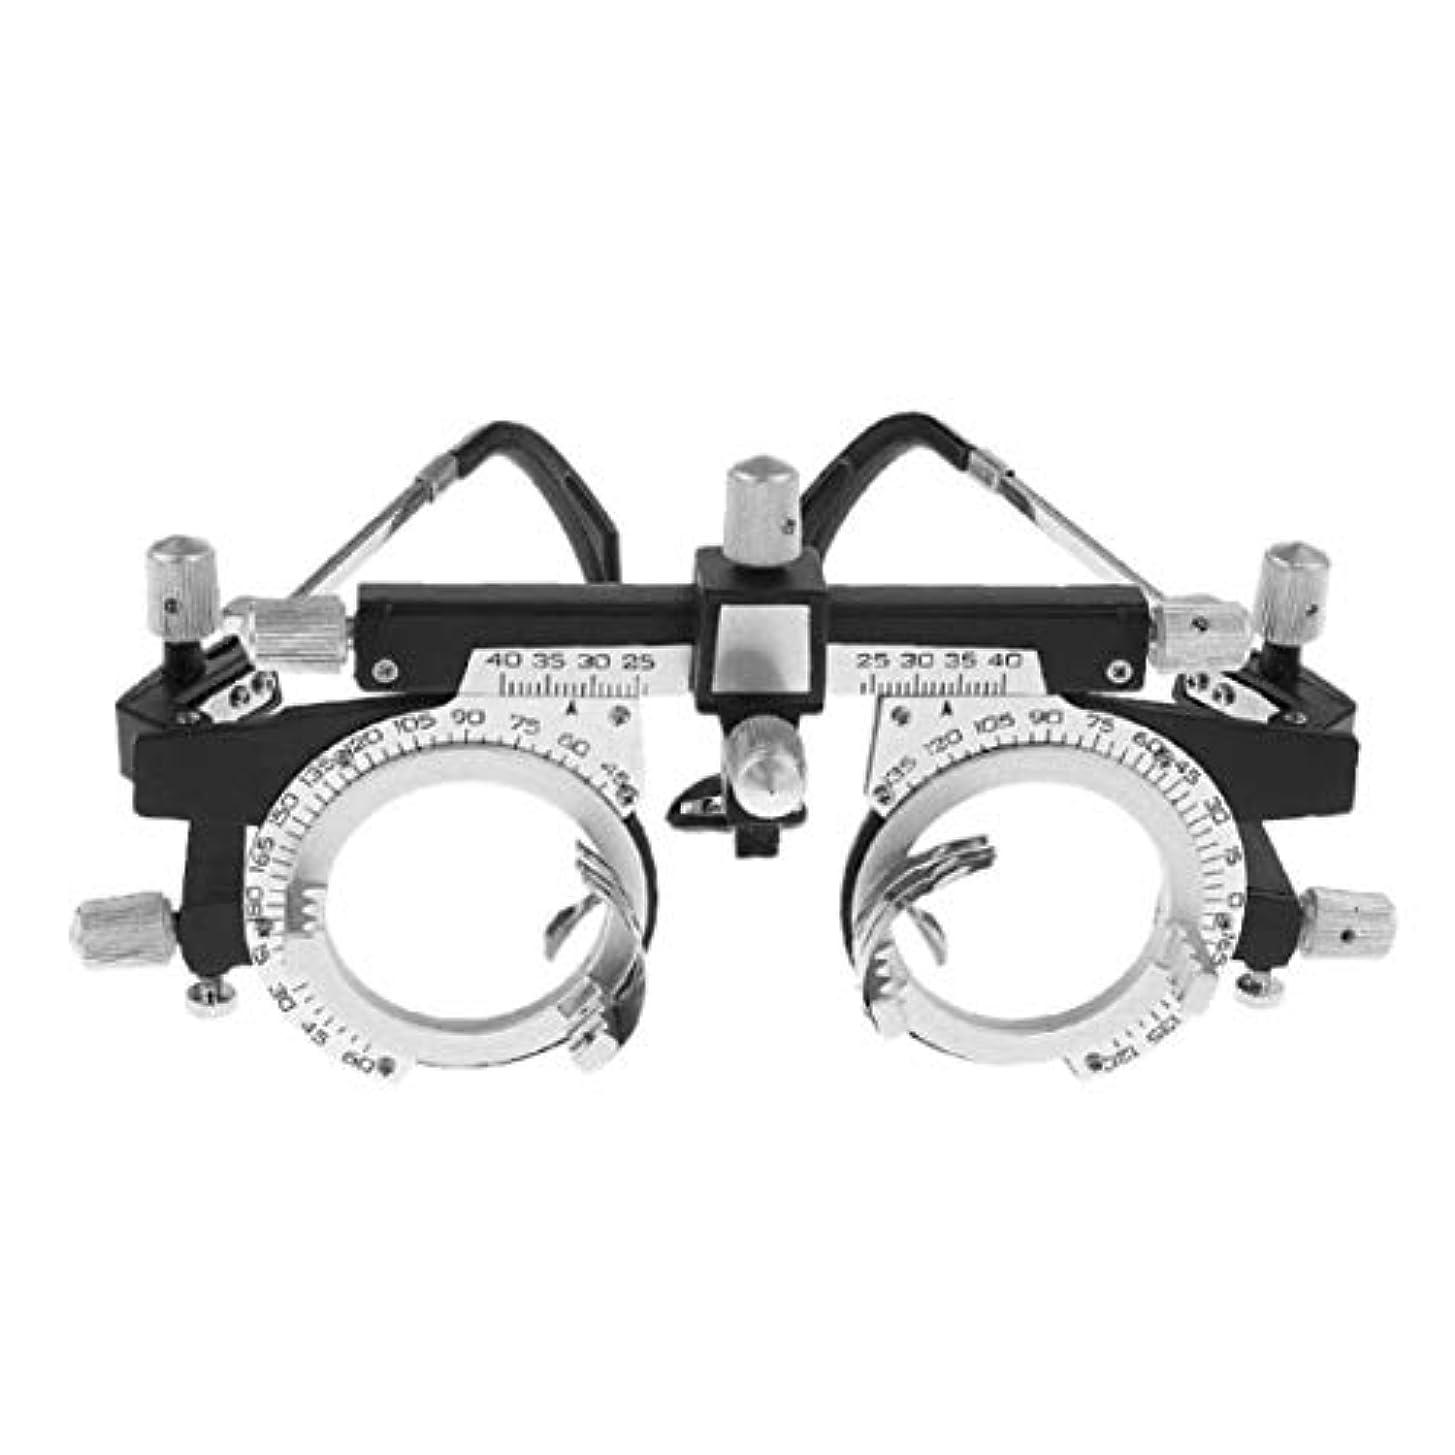 損傷自明従順な調整可能なプロフェッショナルアイウェア検眼メタルフレーム光学眼鏡眼鏡トライアルレンズメタルフレームPDメガネアクセサリー(シルバー&ブラック)